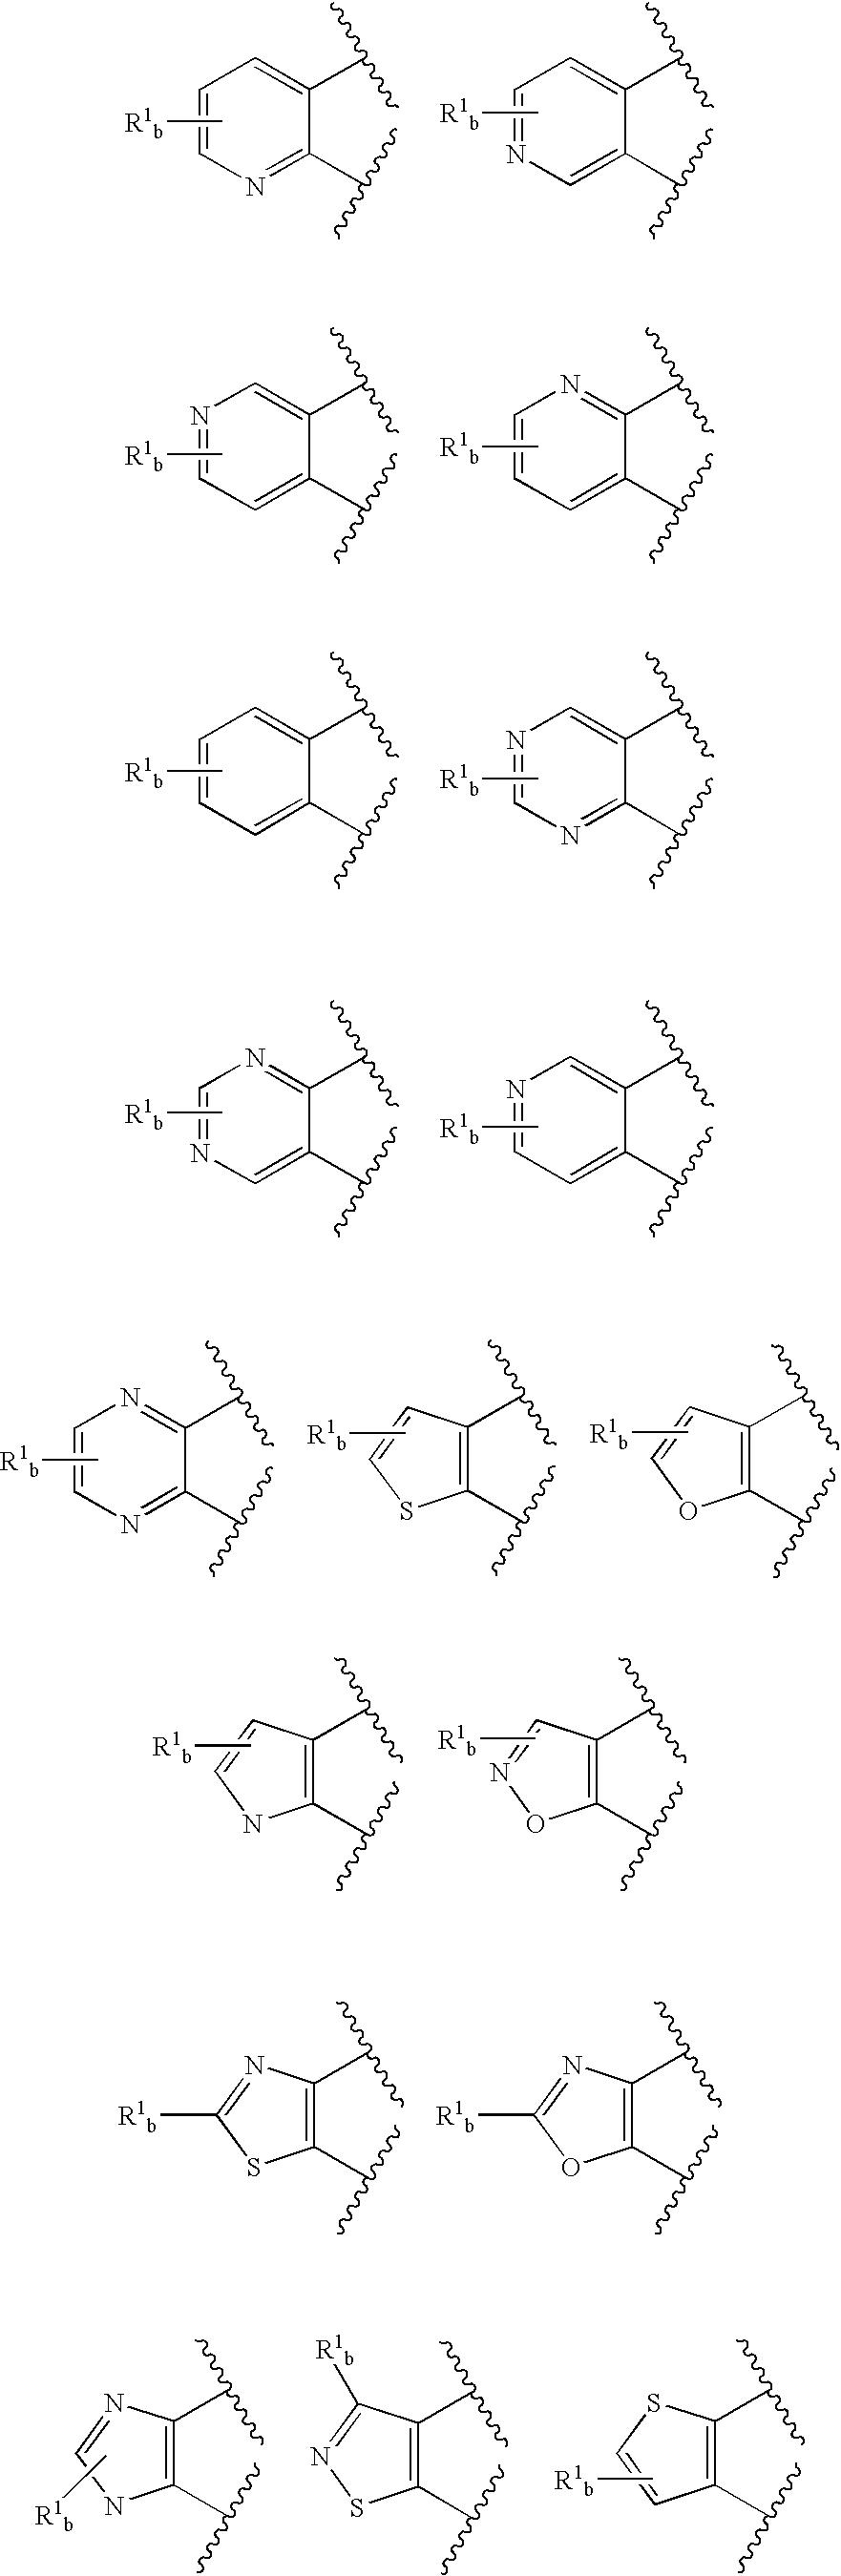 Figure US20080045526A1-20080221-C00230